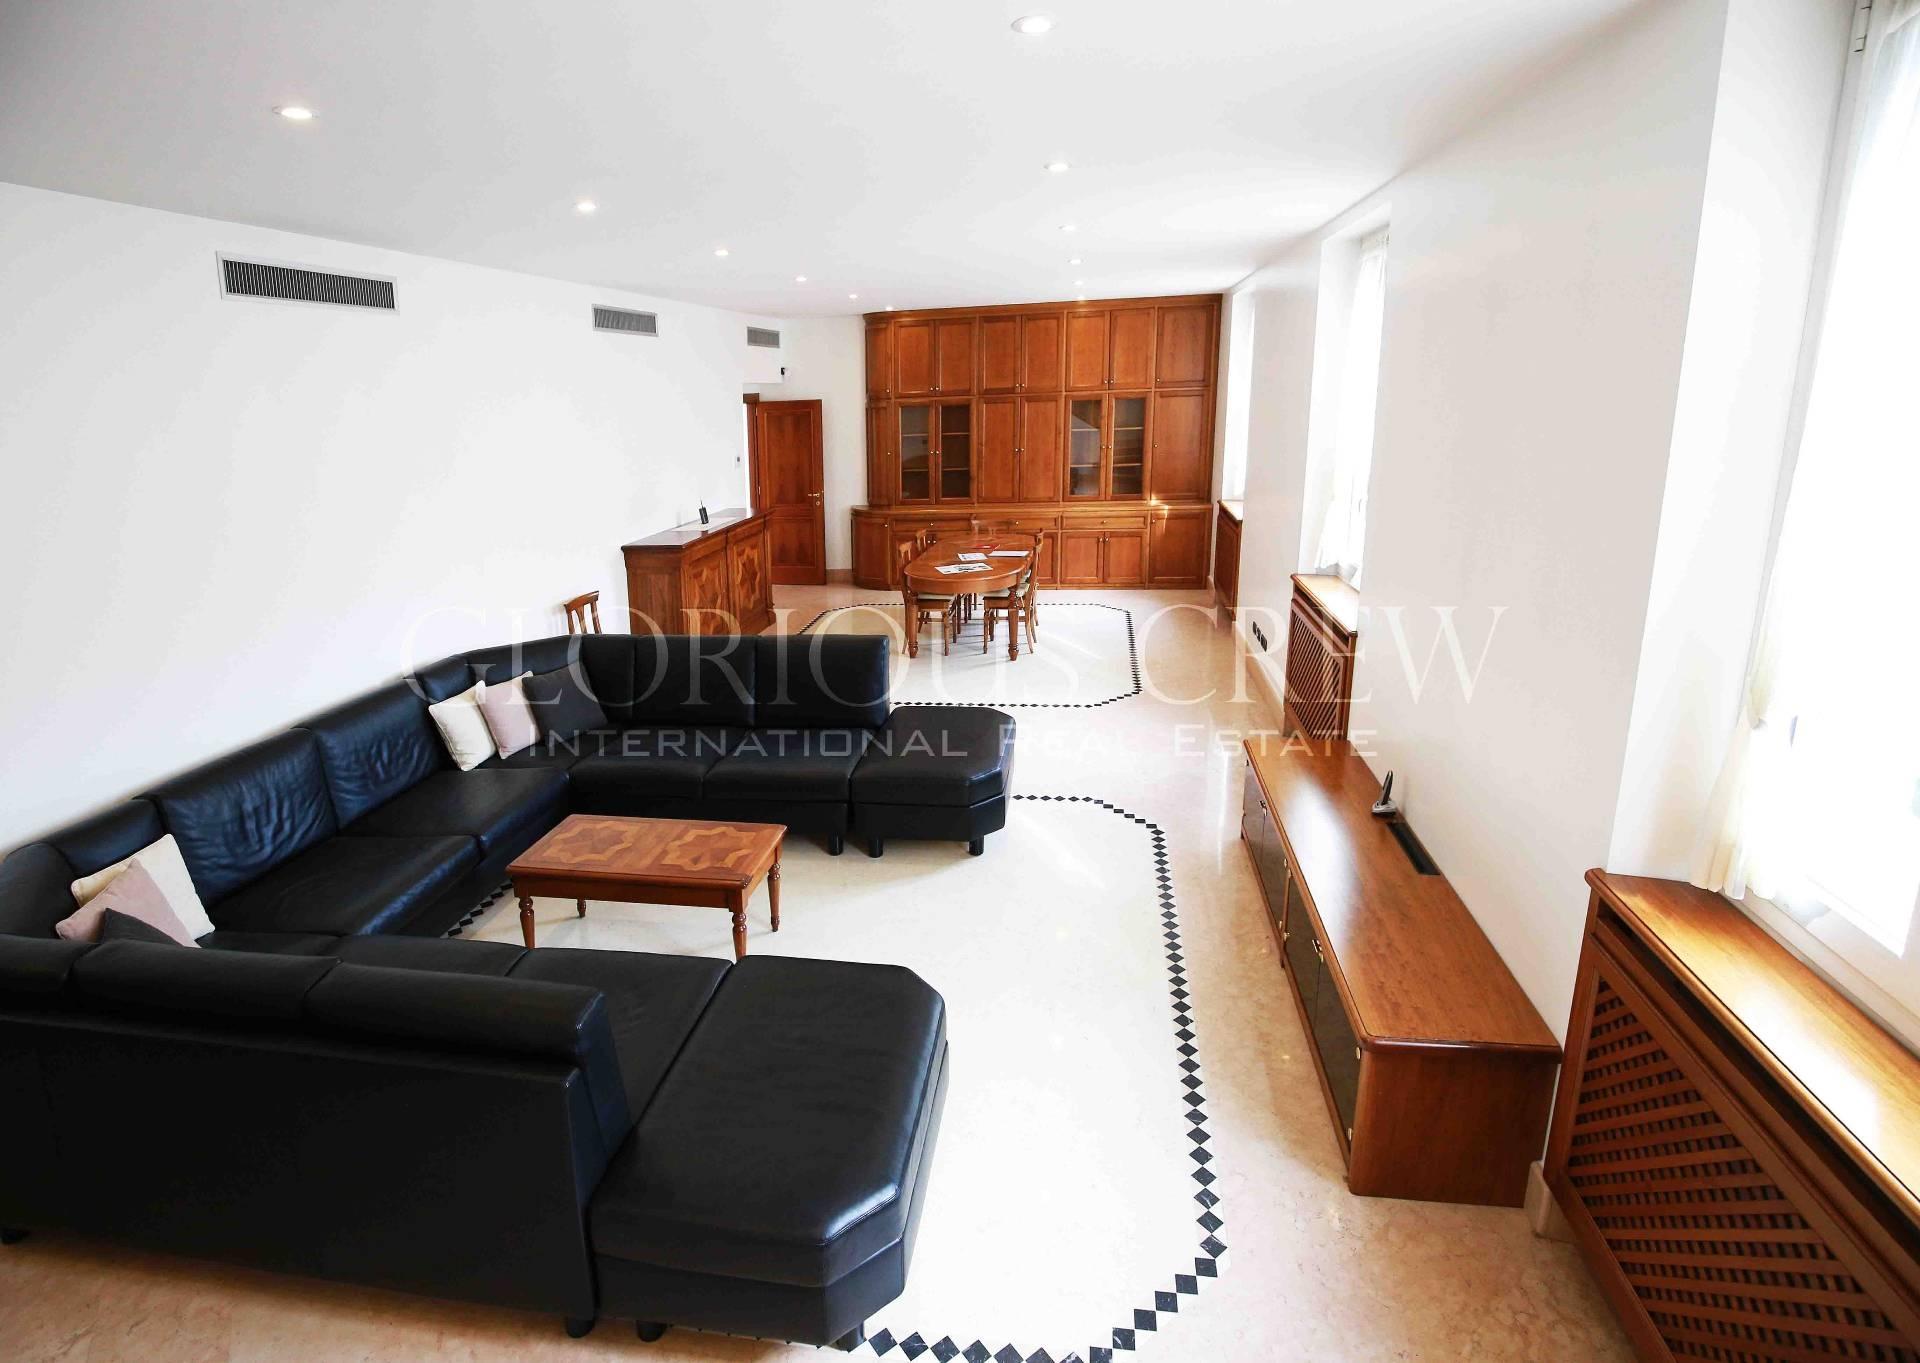 Appartamento in Vendita a Milano 01 Centro storico (Cerchia dei Navigli): 5 locali, 310 mq